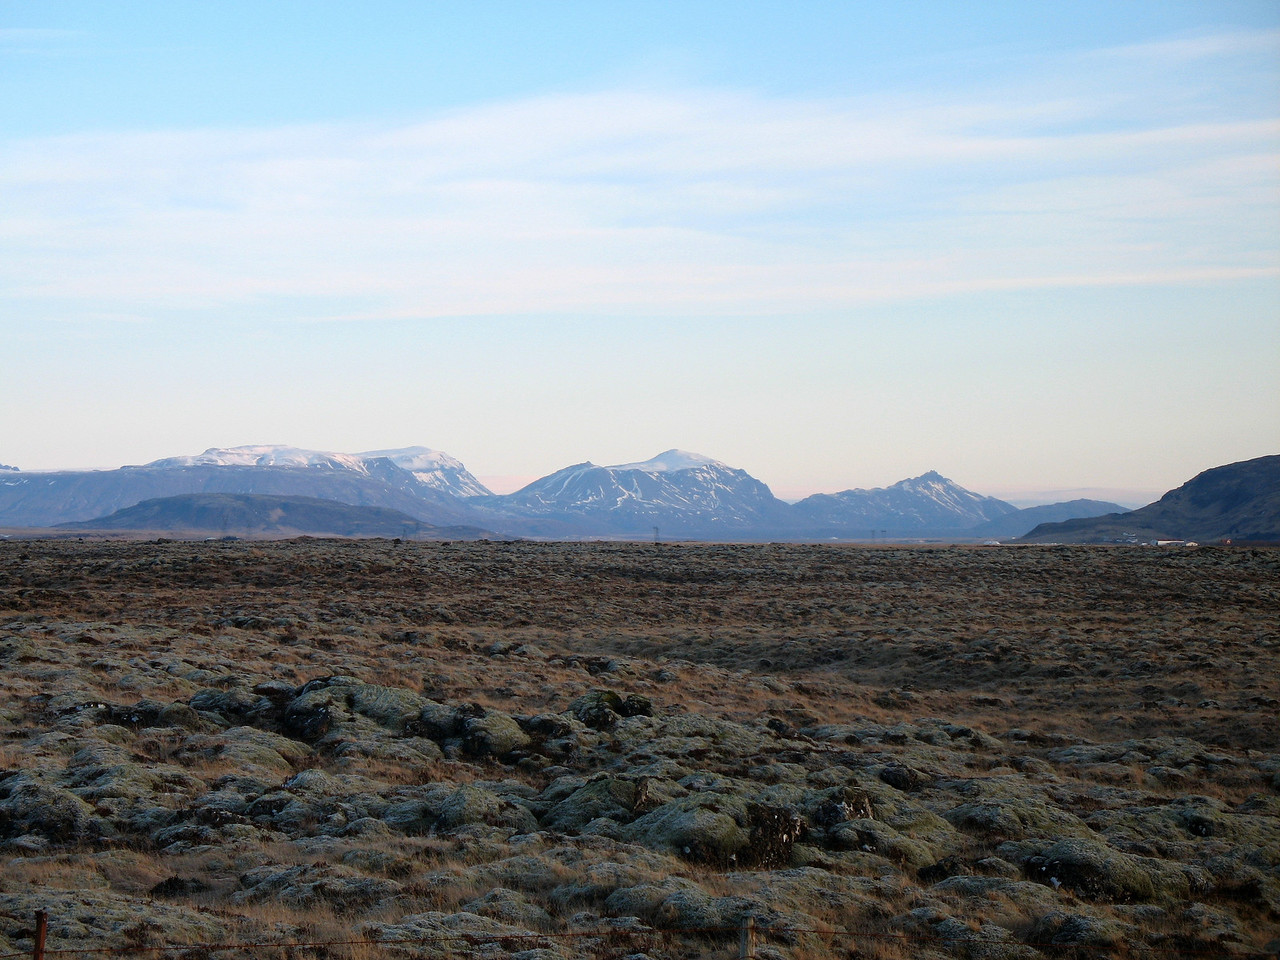 Horft út um bílgluggann. Við himin ber Rauðafell, Hlöðufell (rennur saman við Rauðafell), Högnhöfða og Kálfstind. Lengst til hægri sést svo í öxlina á Vörðufelli.